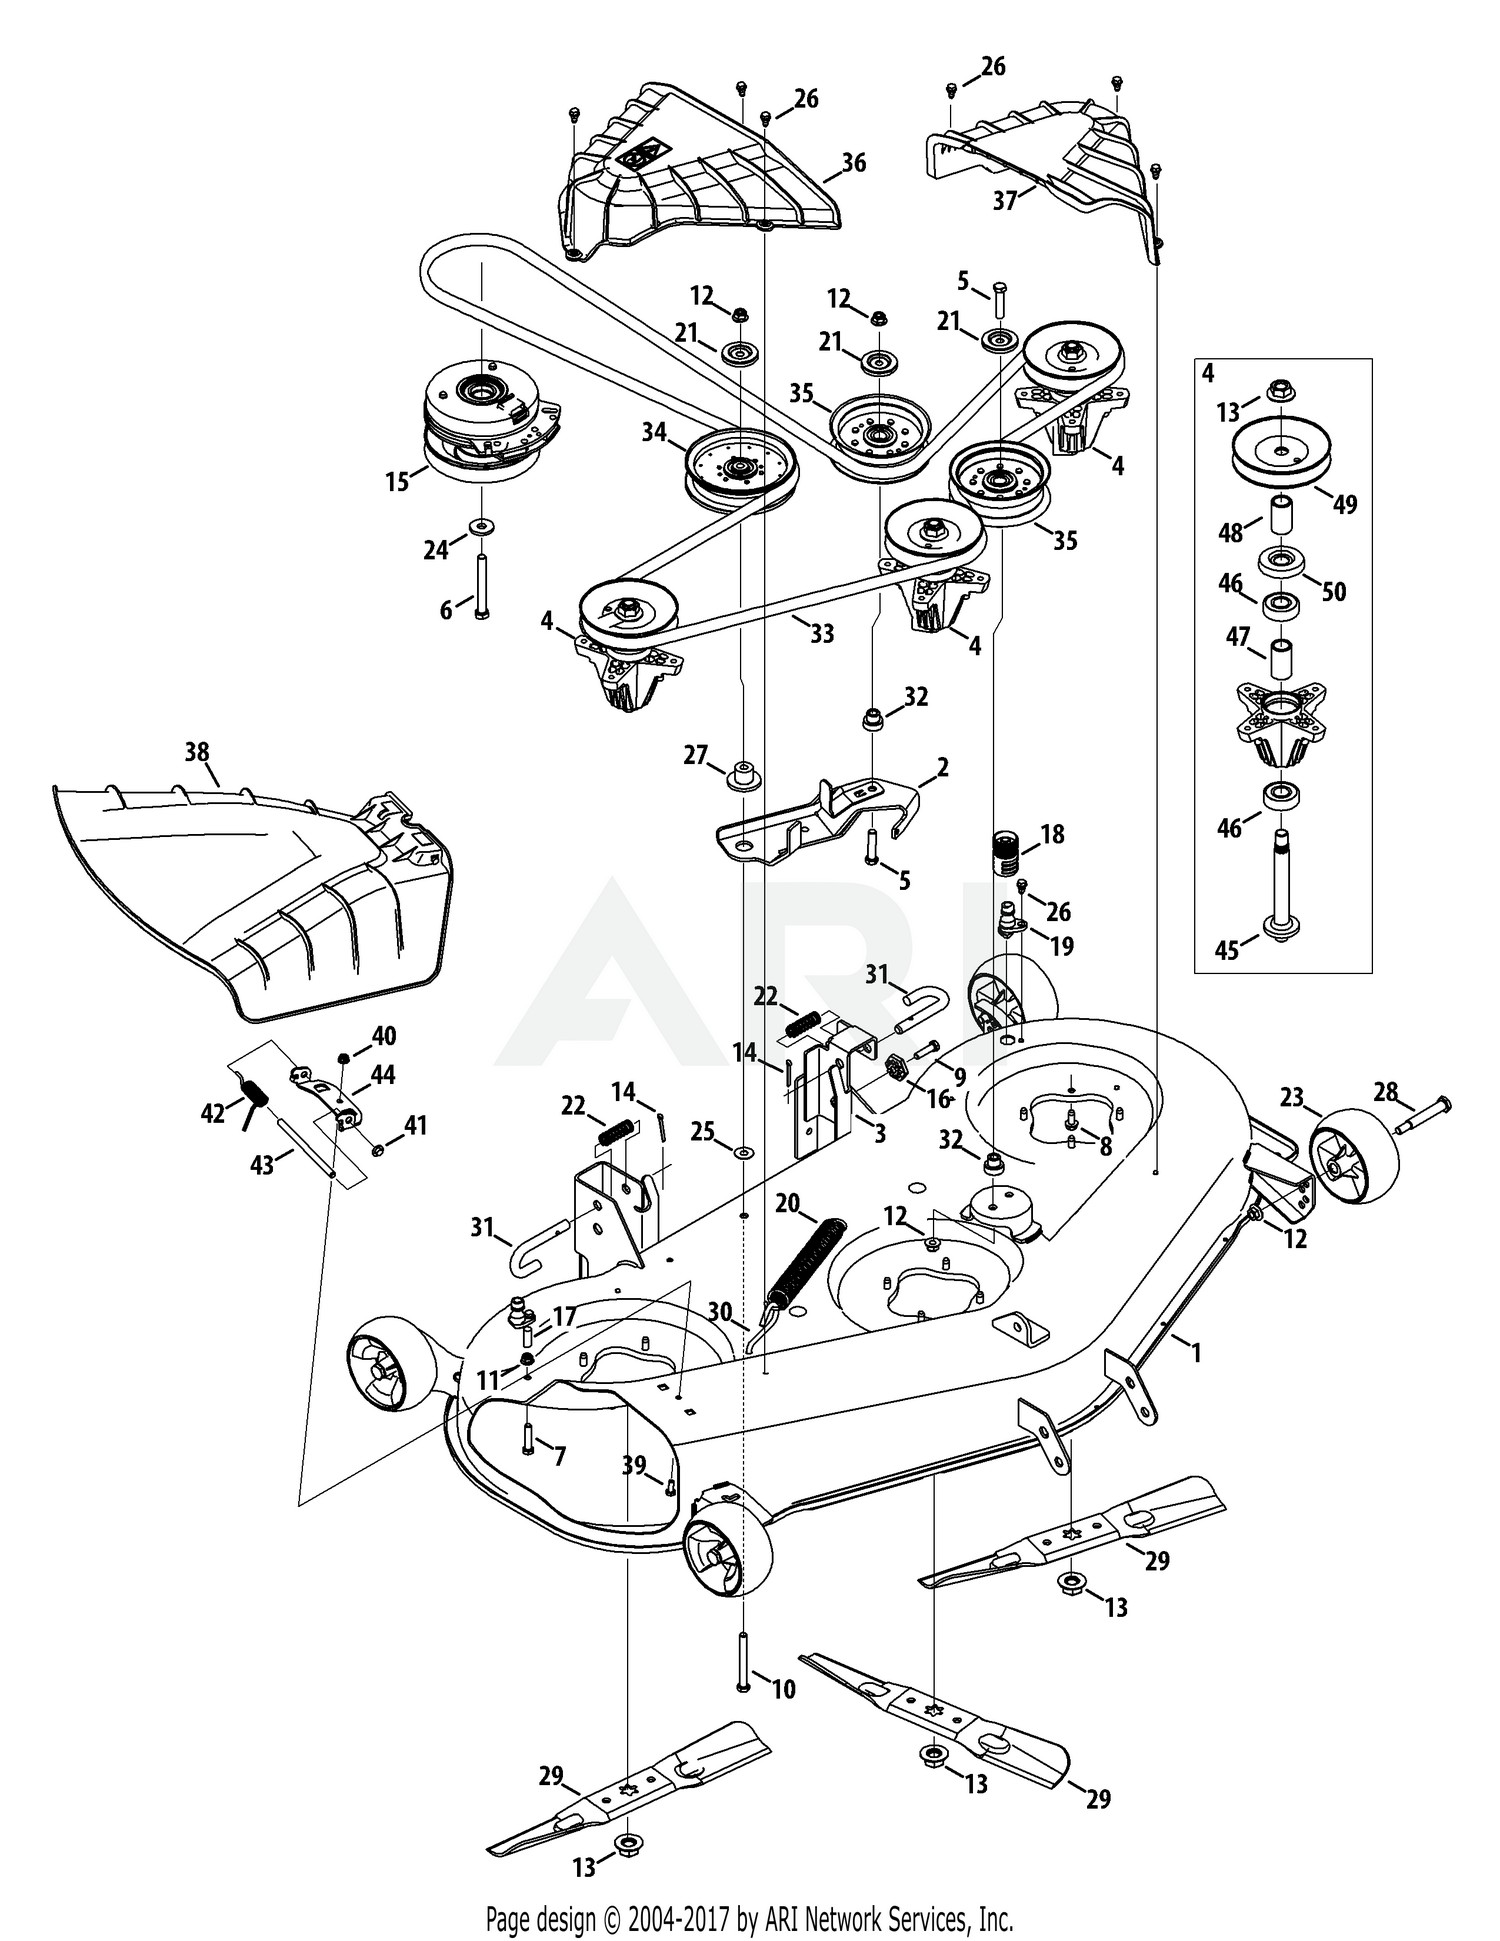 troy bilt lawn mower engine diagram